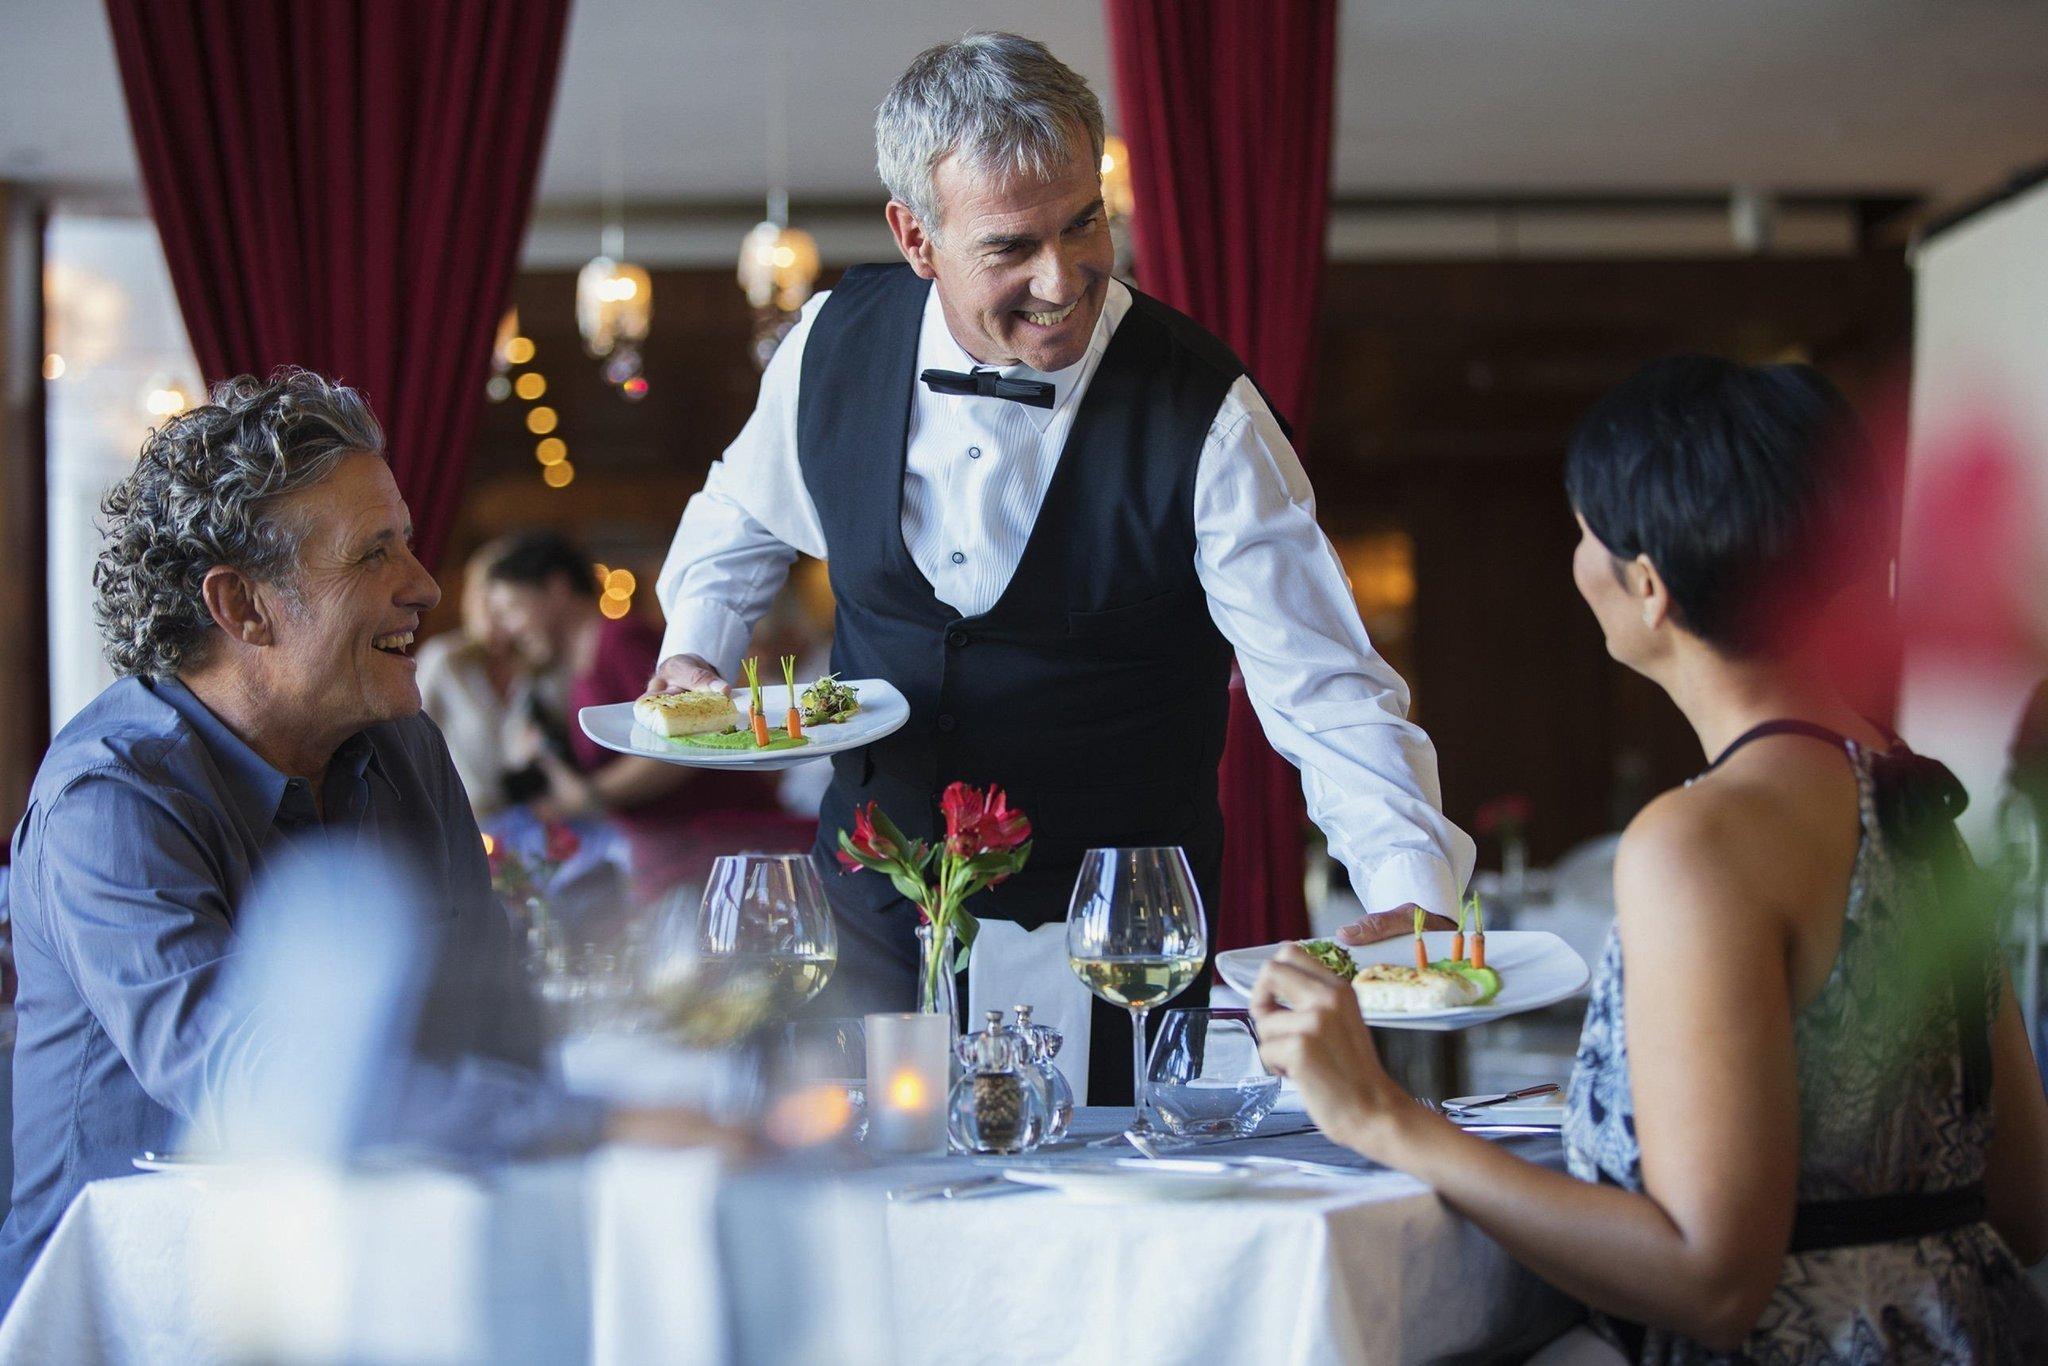 В хороших ресторанах можно заработать огромные чаевые. Фото: chicagotribune.com